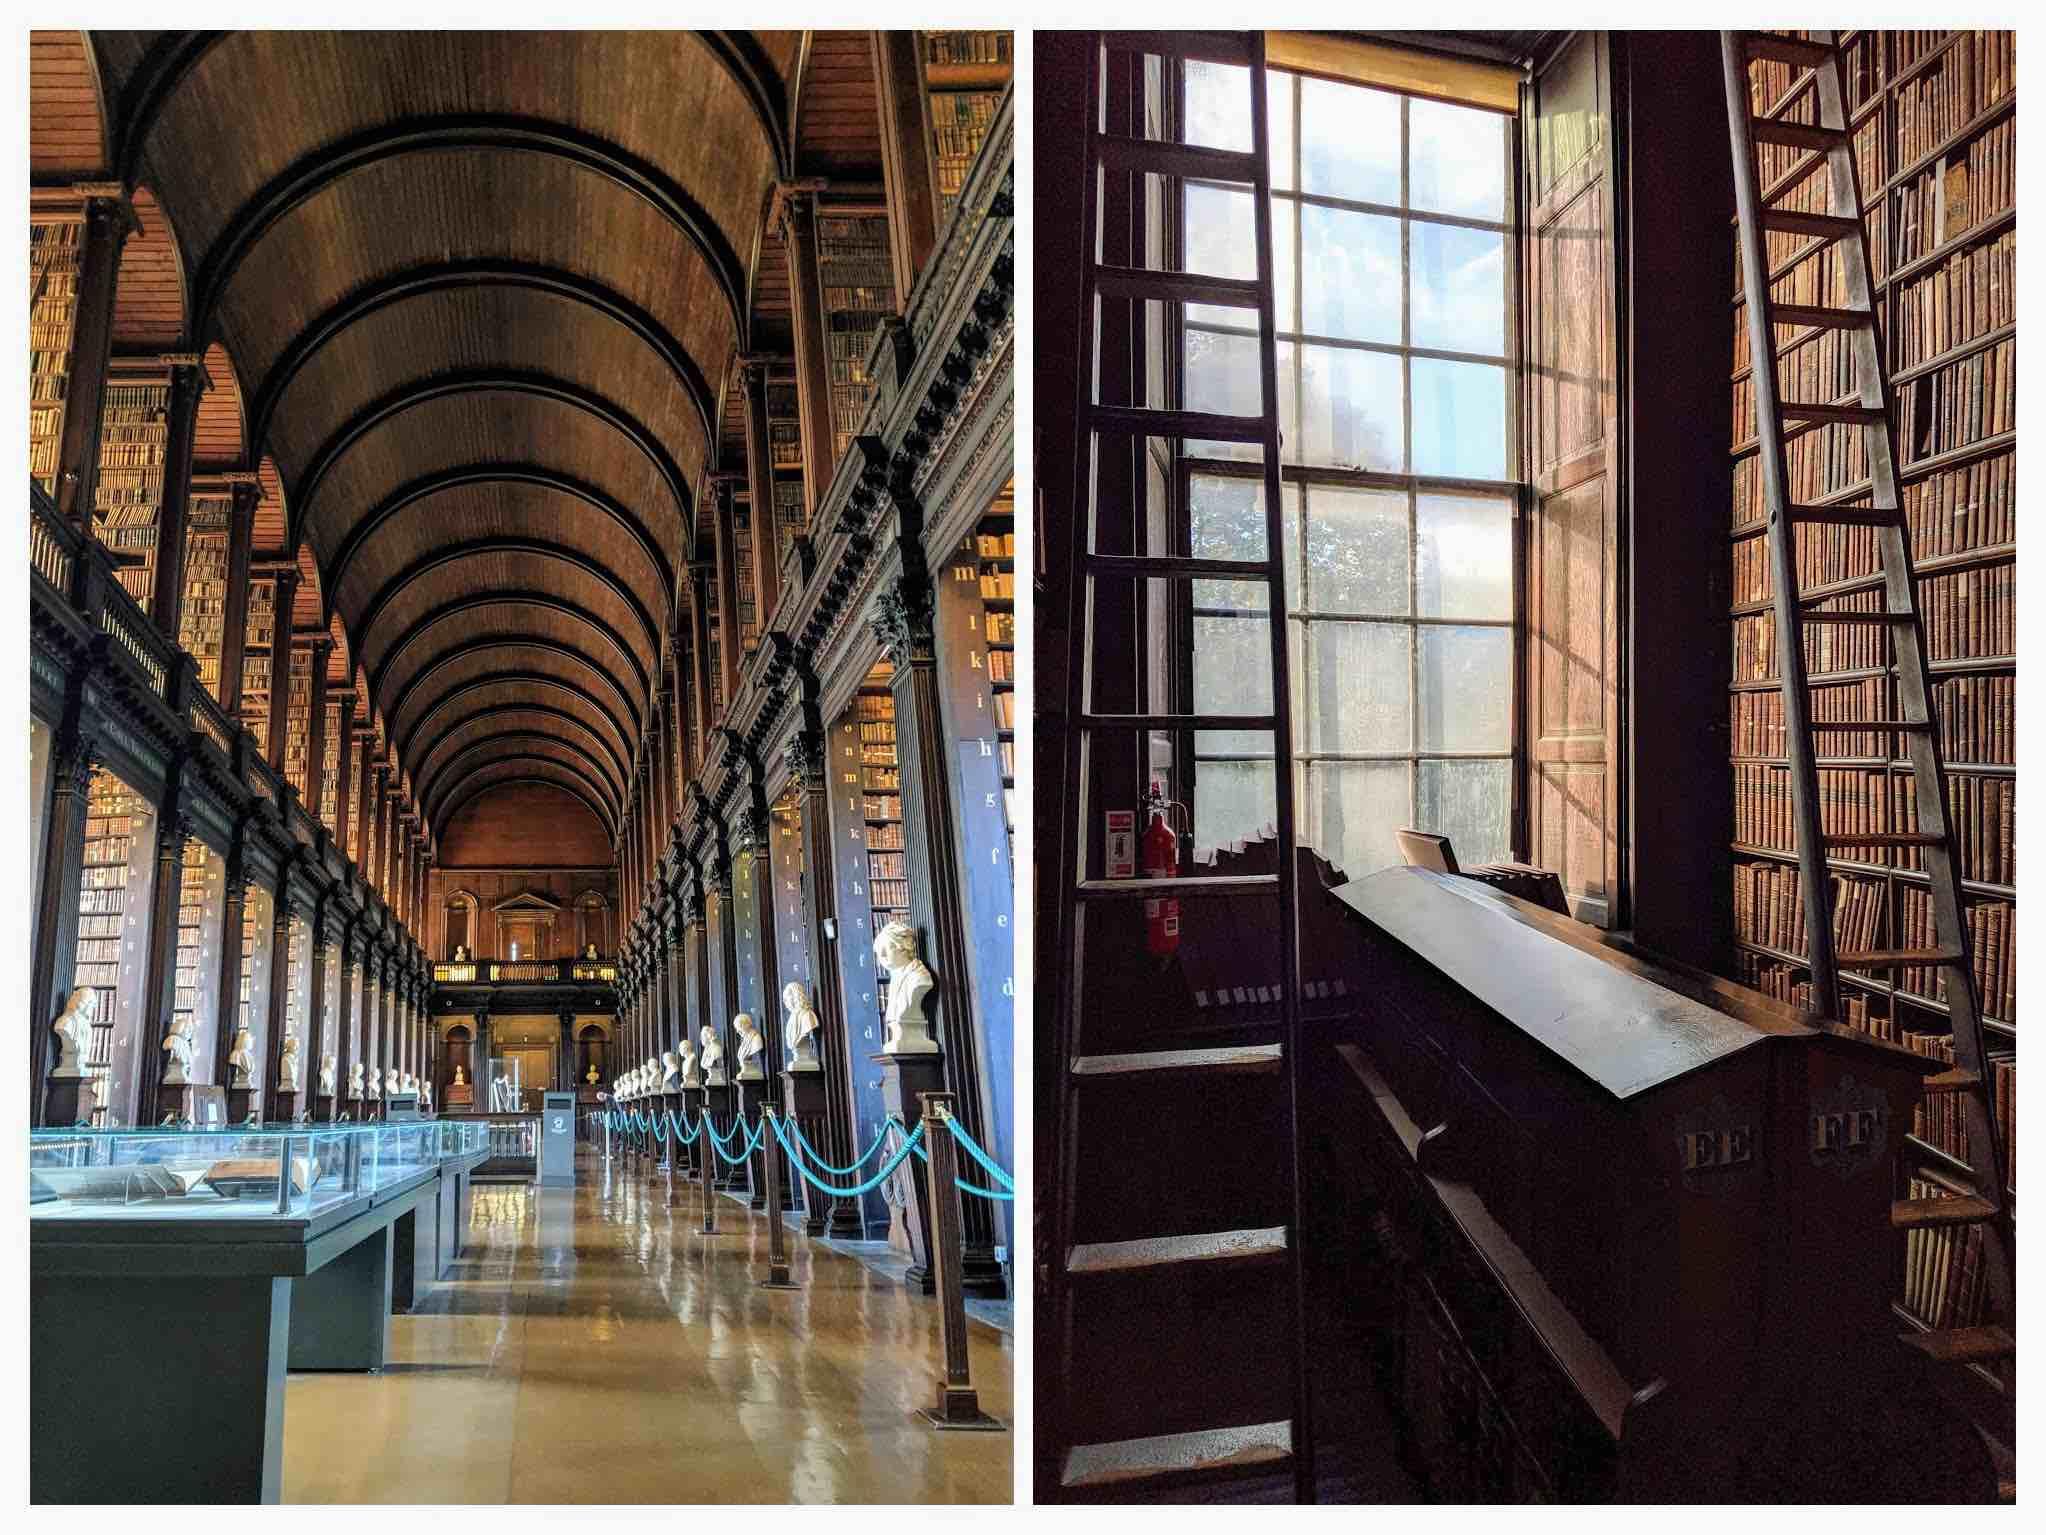 Famous library Dublin